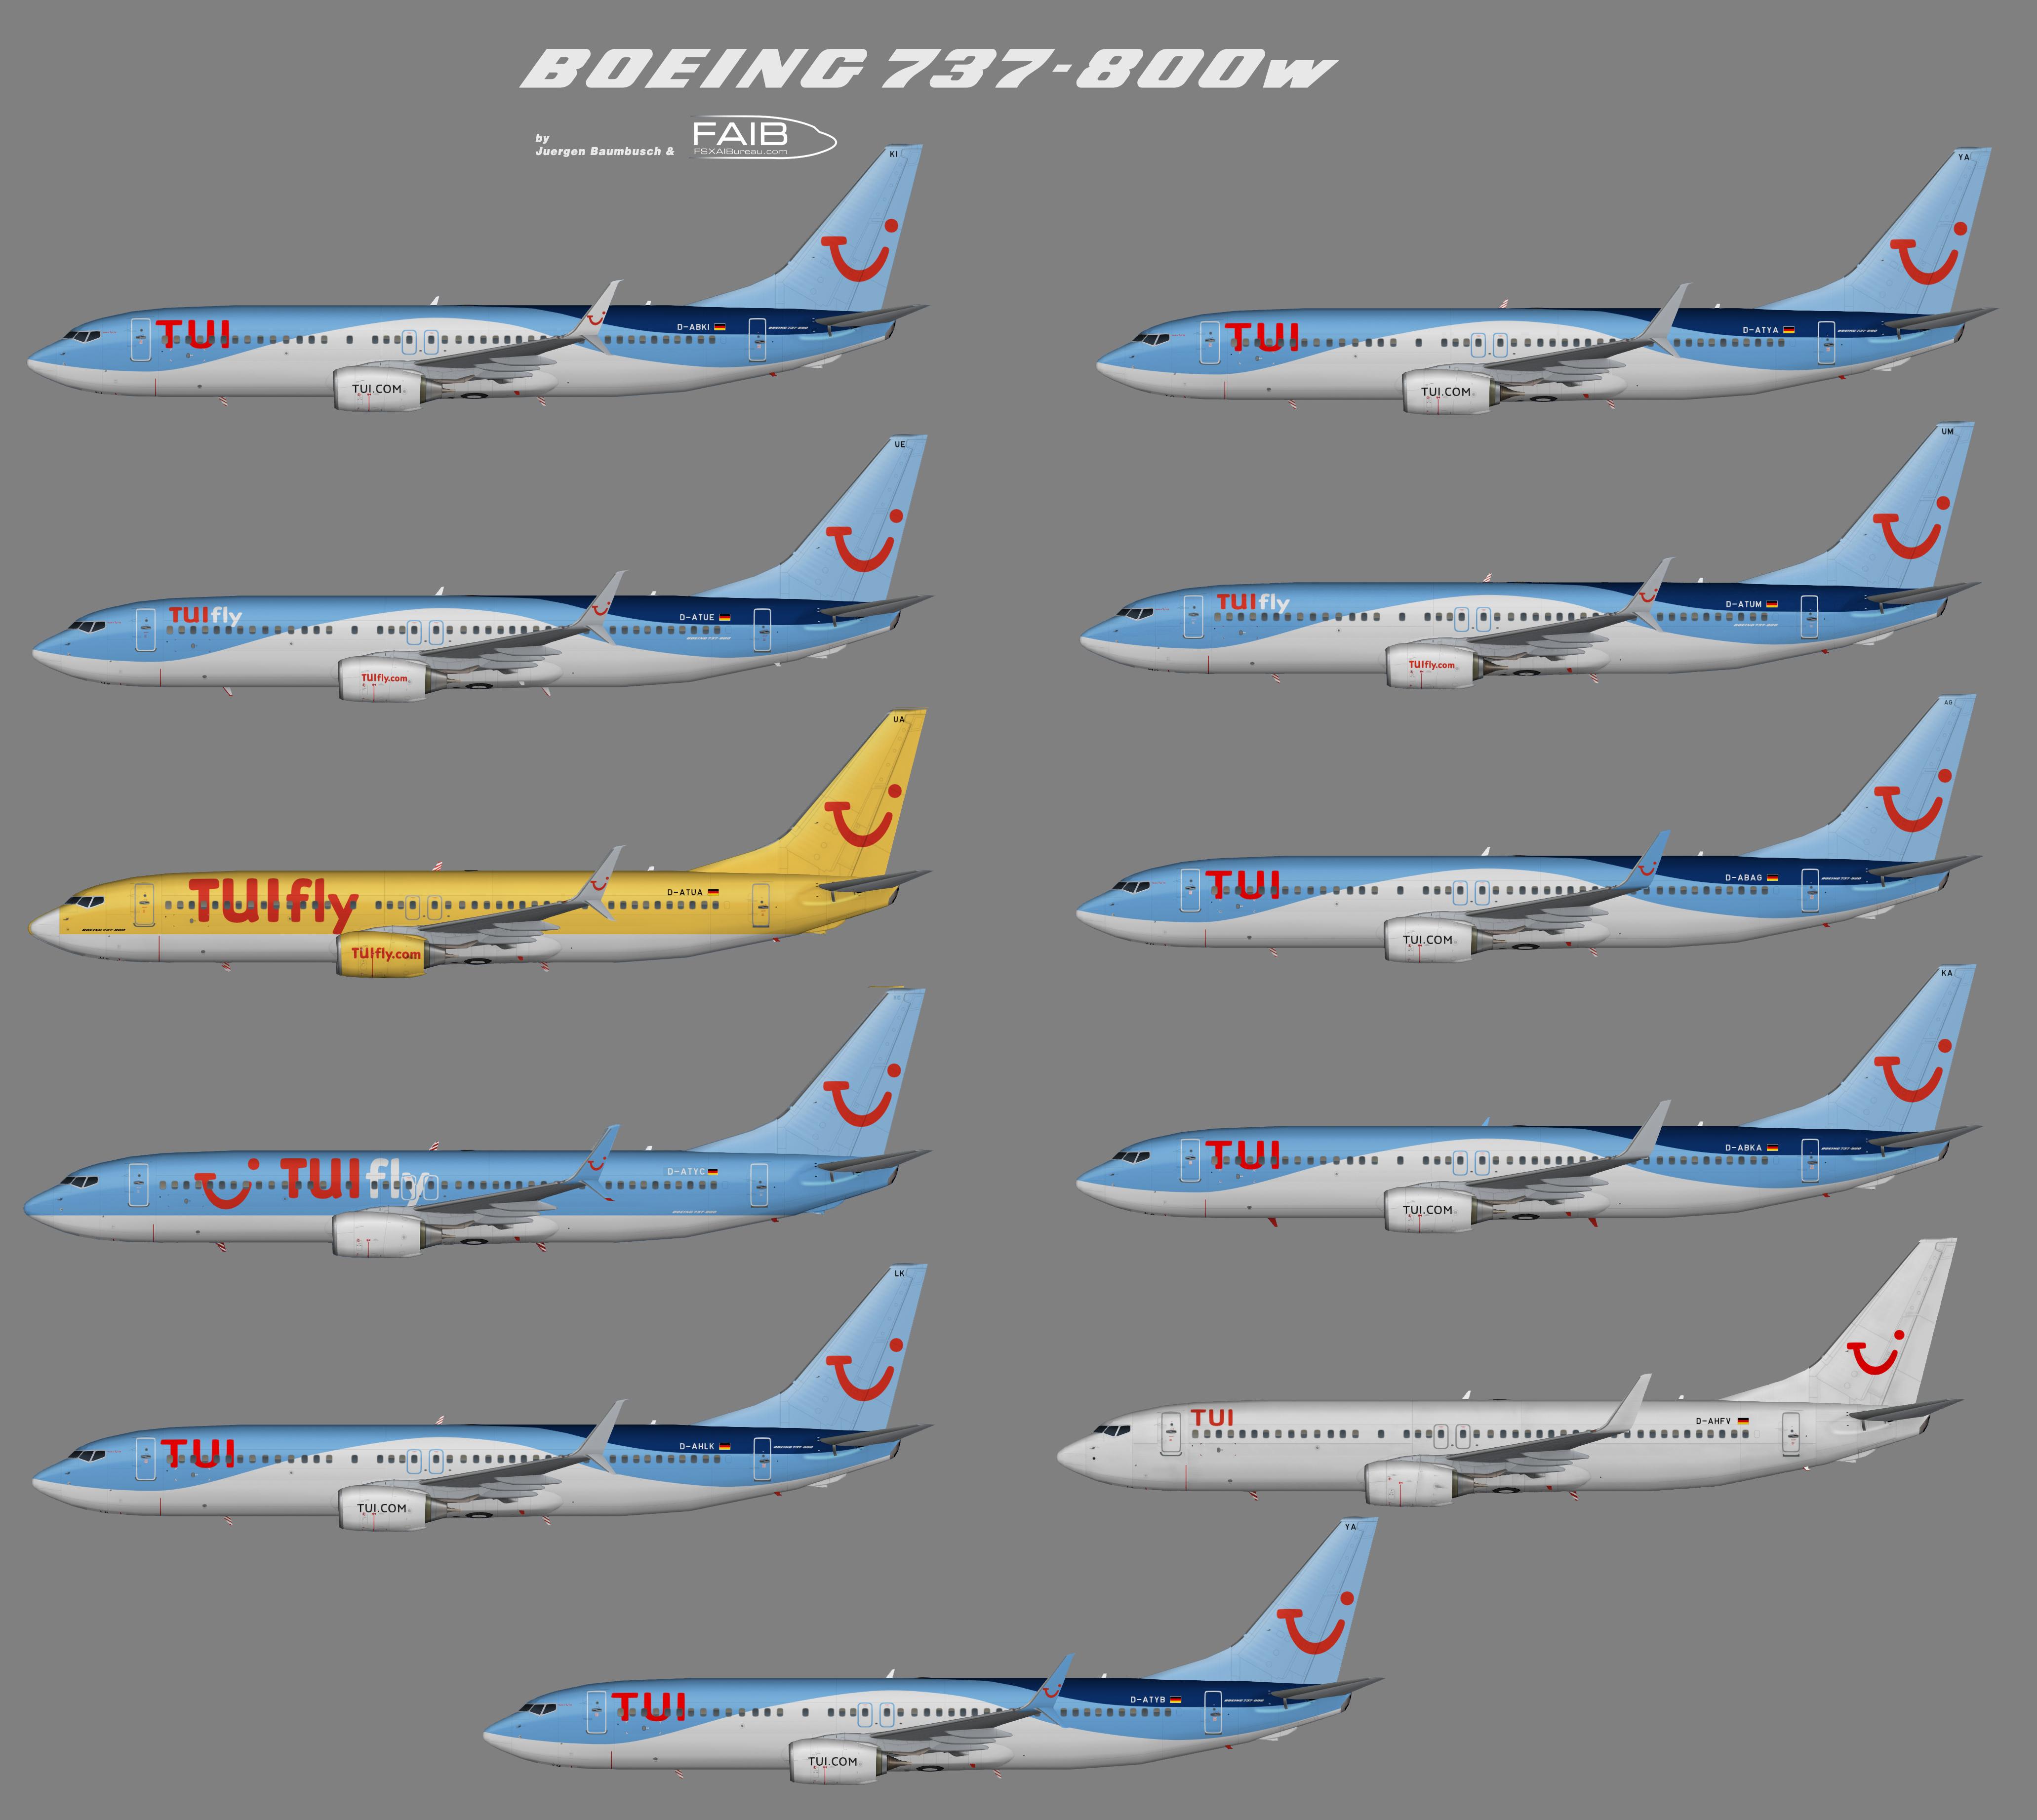 Tuifly.com Boeing 737-800w